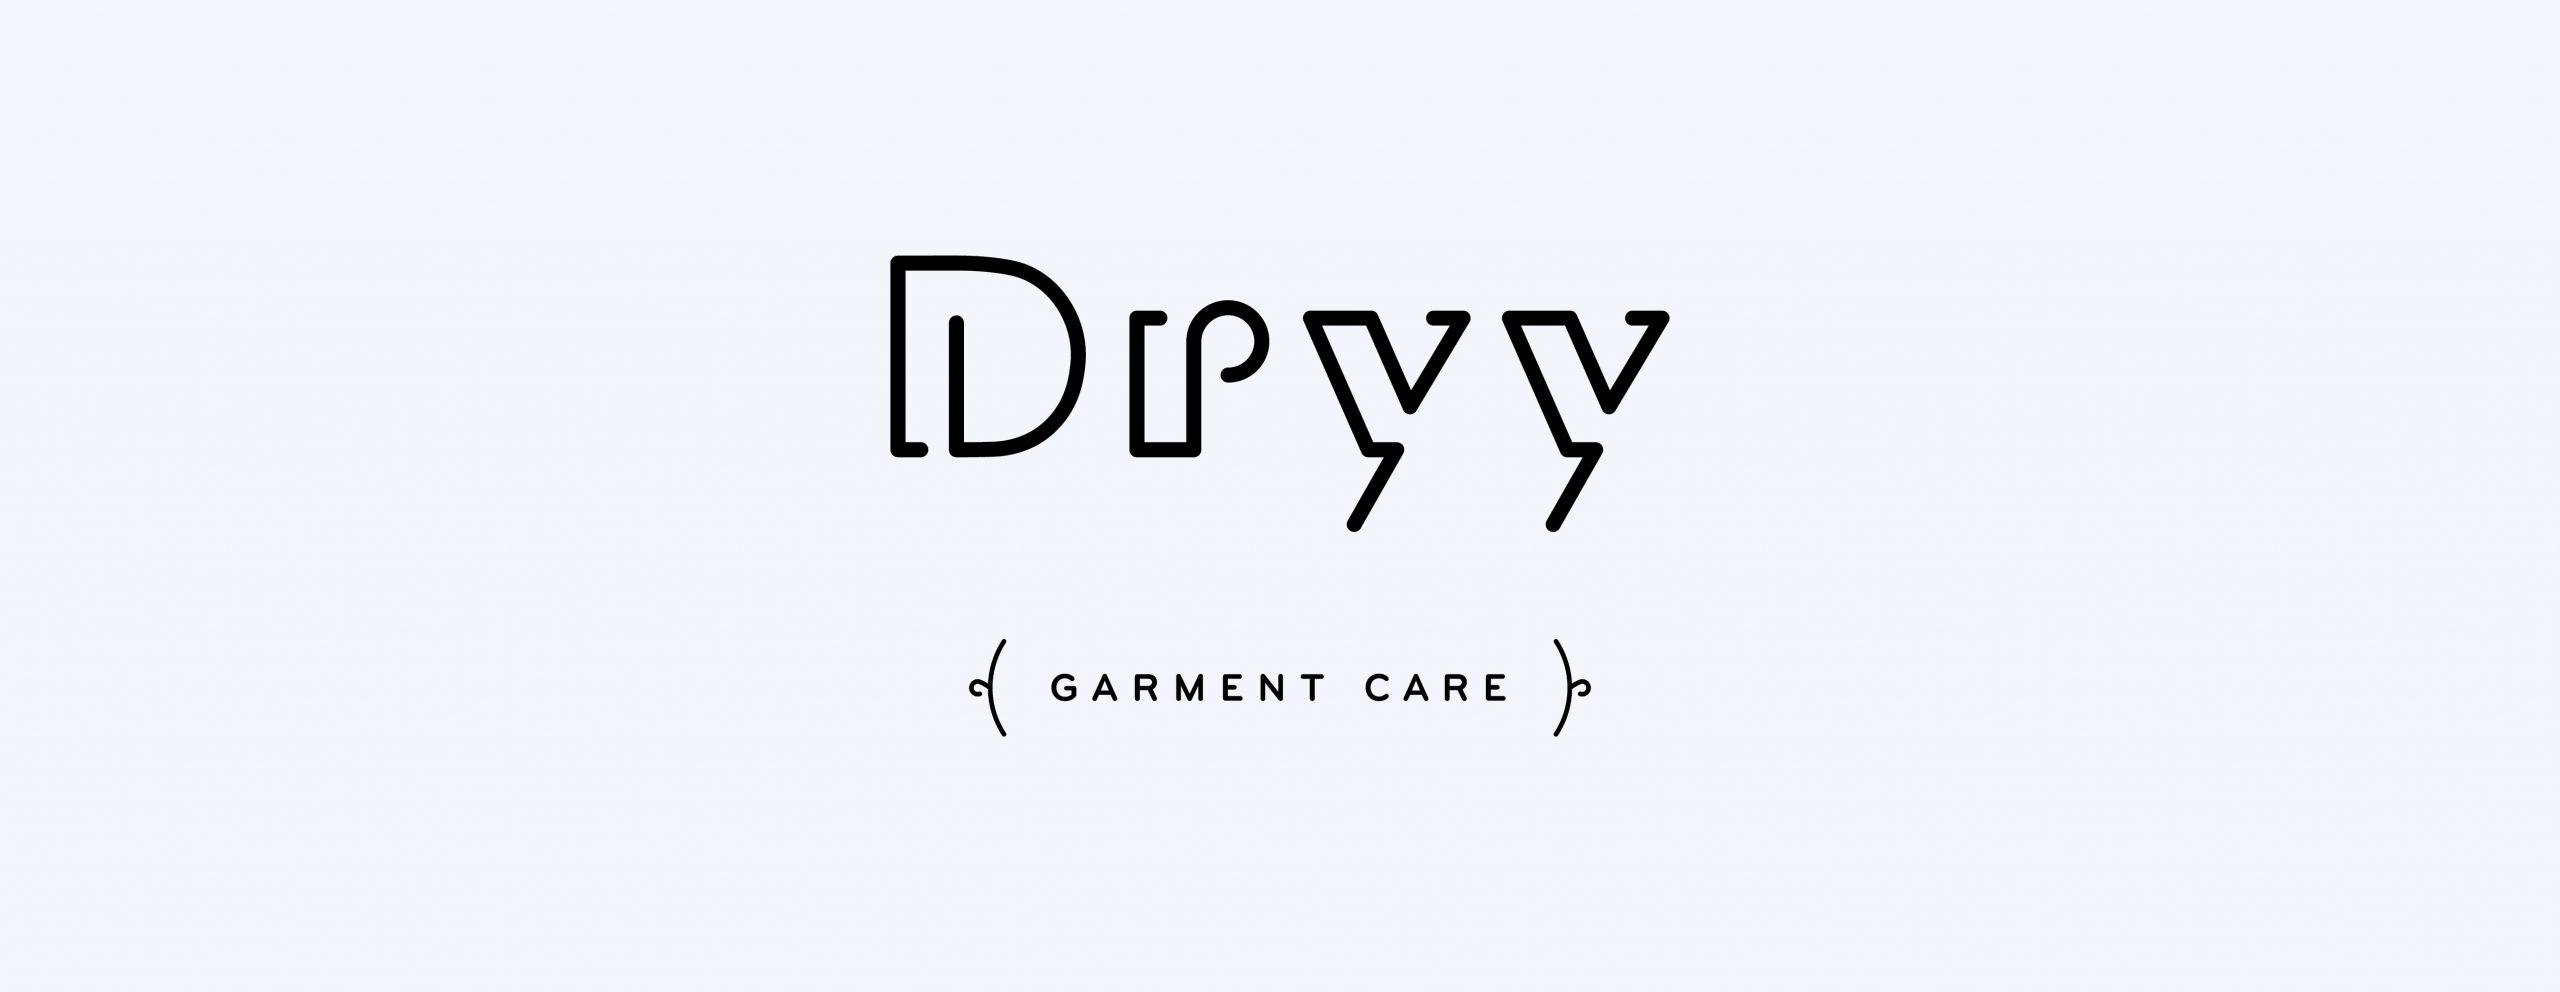 02_Dryy_BrandIdentity_Logo